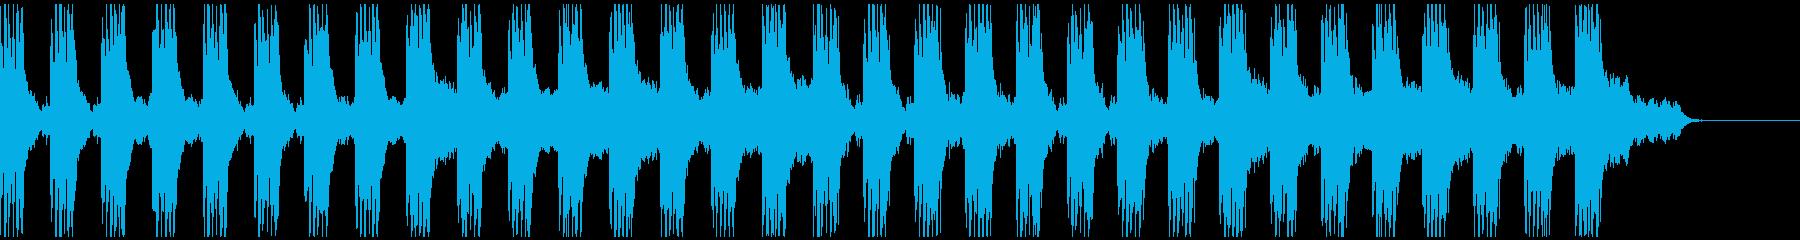 雨ふり アコギ66/生音使用のクールな曲の再生済みの波形